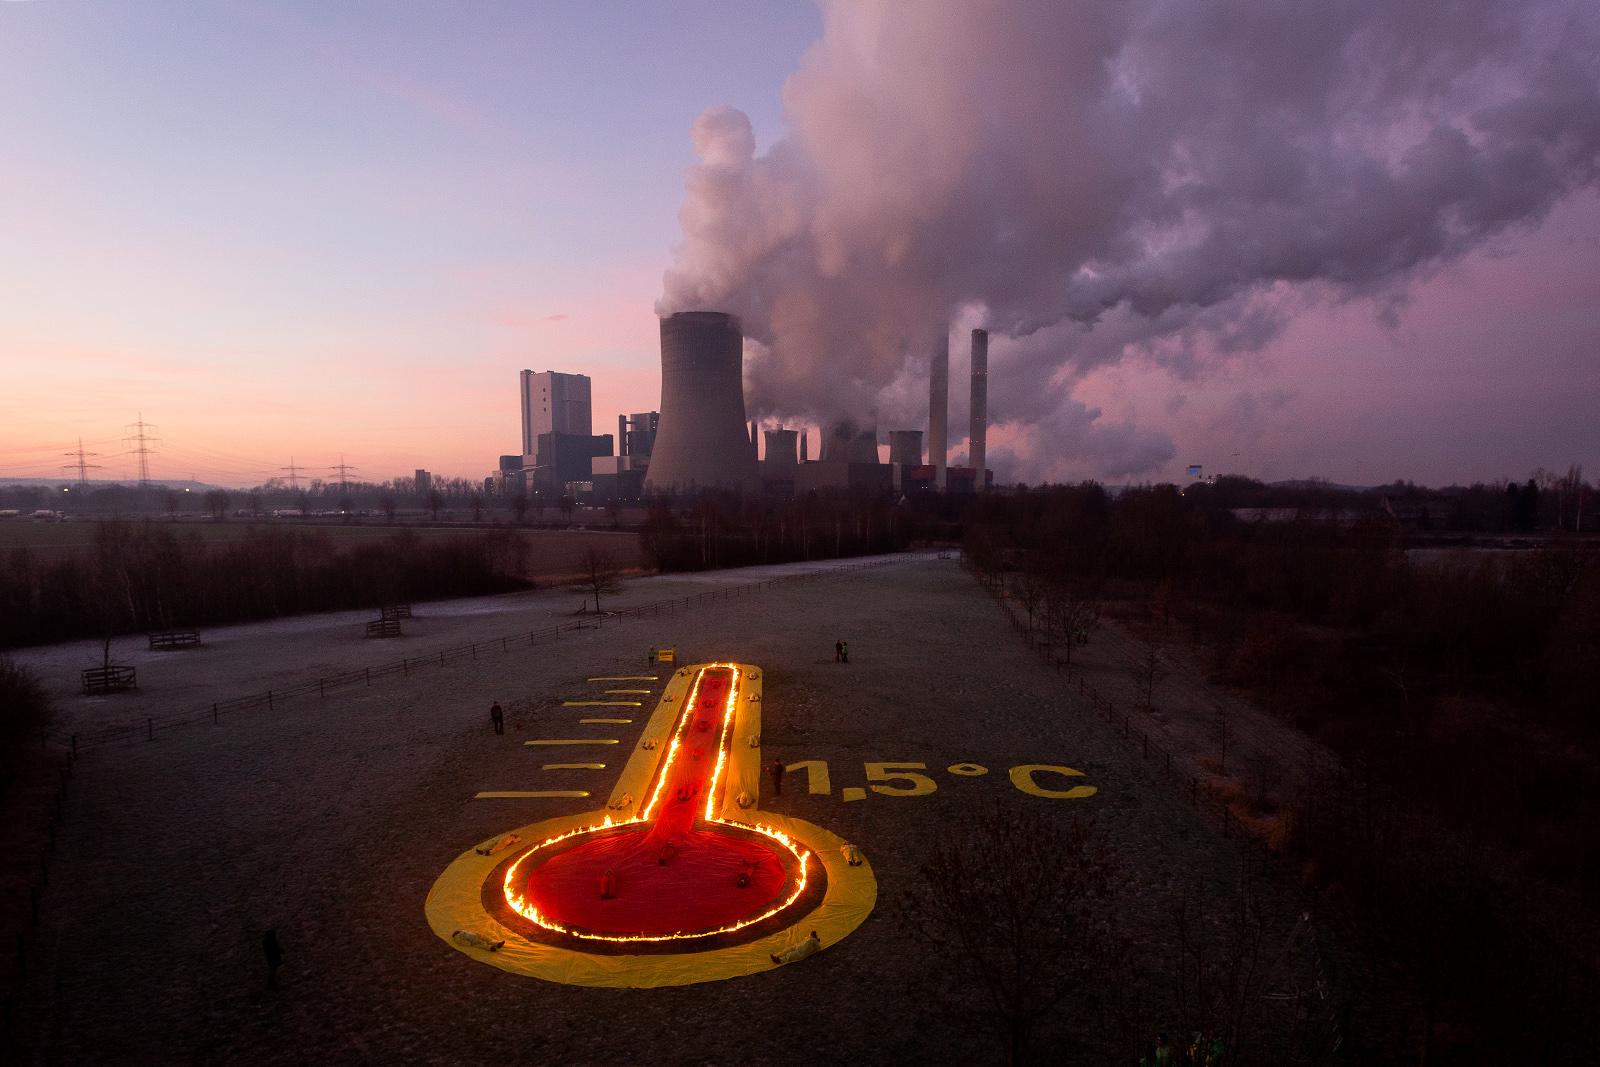 Protest für mehr Klimaschutz und die Einhaltung des 1,5 Grad Ziels vor dem Braunkohlekraftwerk Niederaussem, 2019